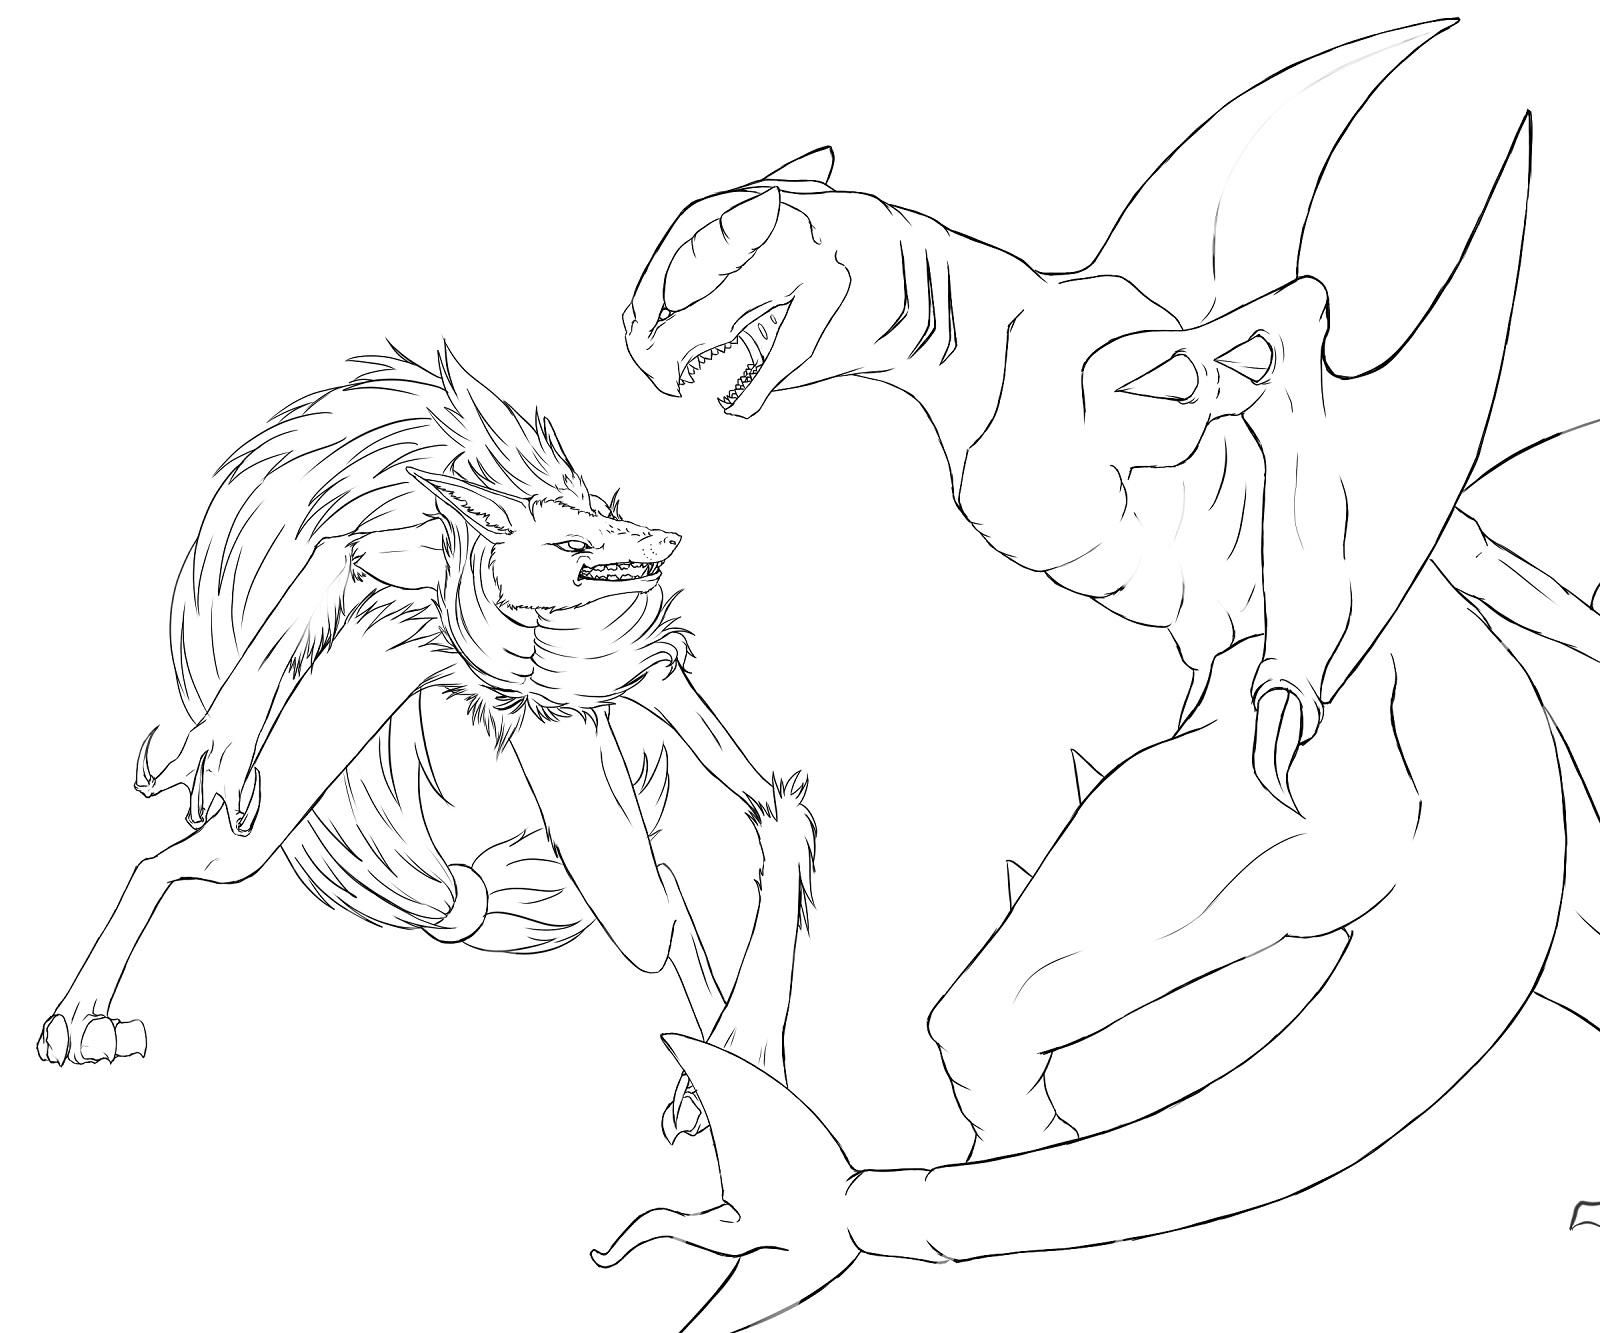 Pokémon-Zeichnung: tut schritt 3 outline